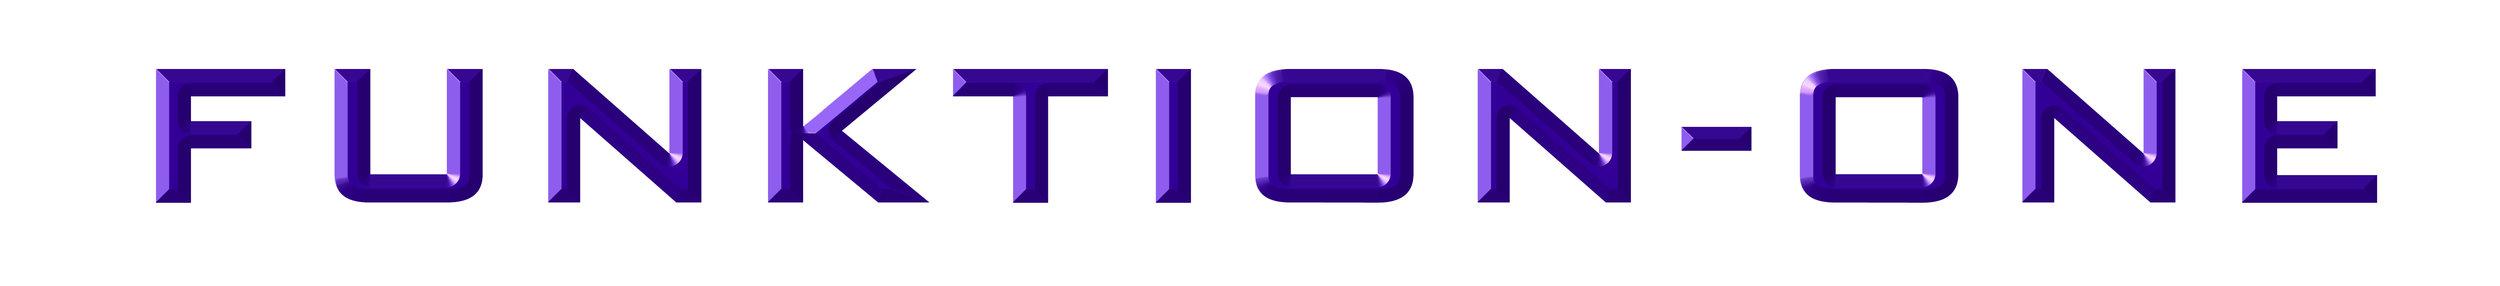 FUNKTION-ONE (violet).jpg